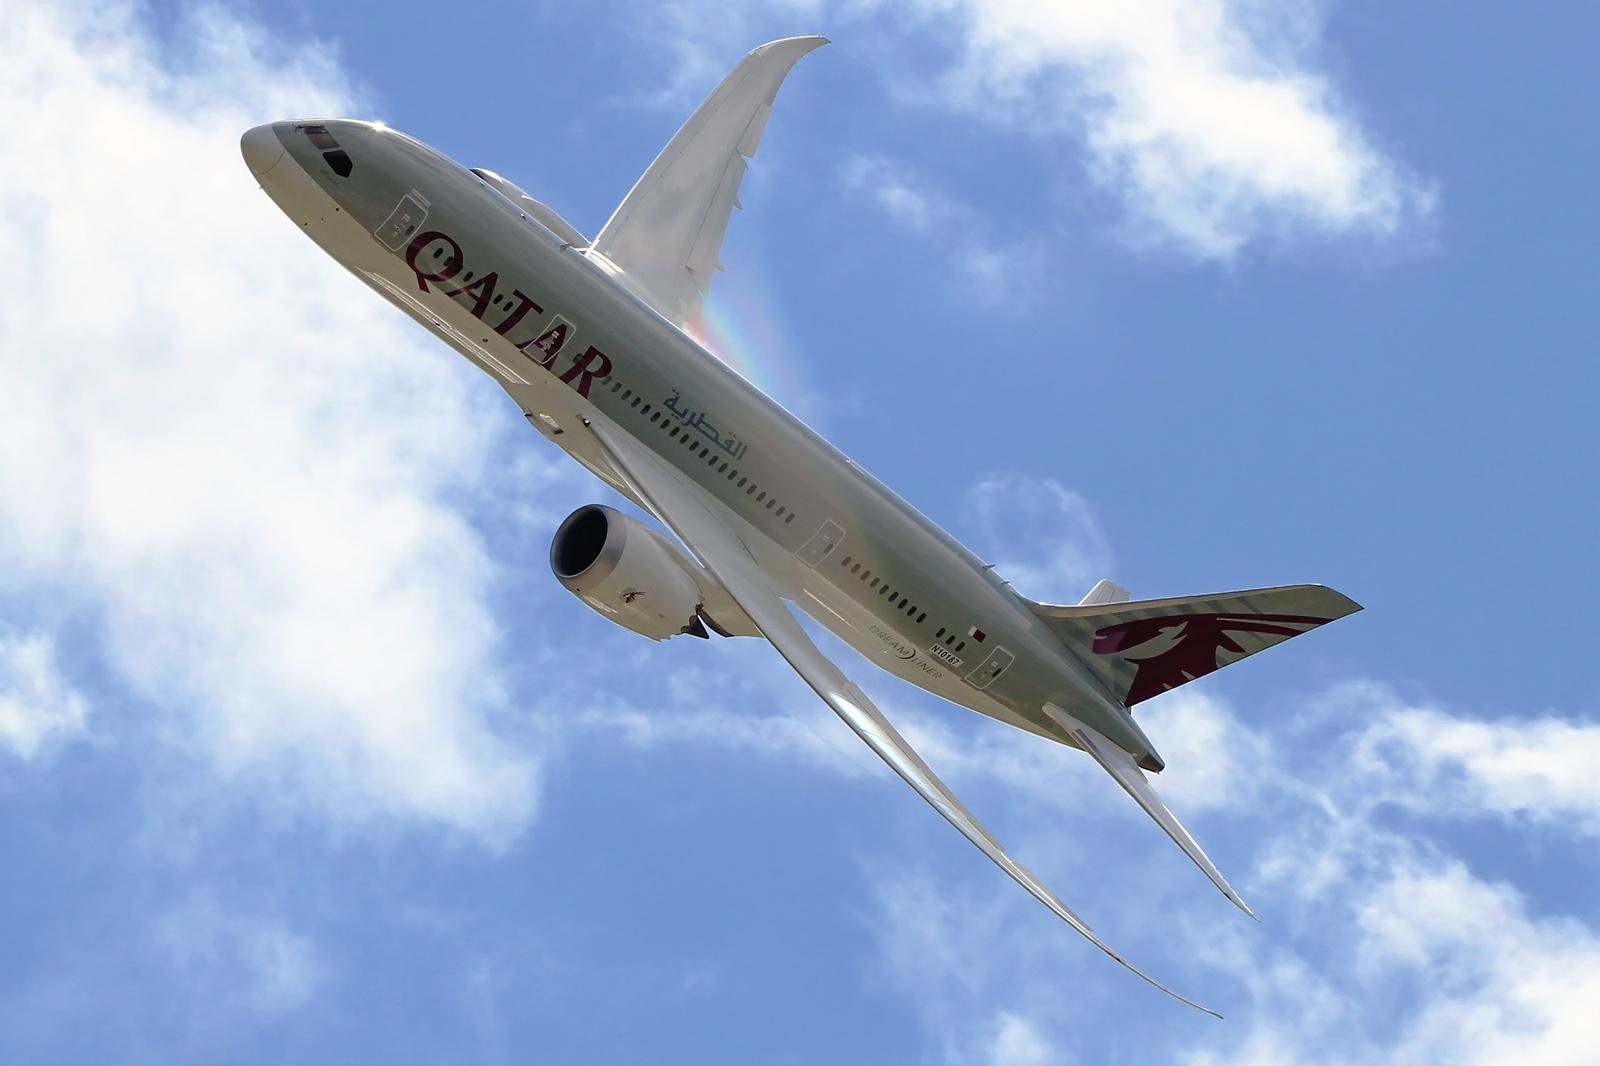 http://2.bp.blogspot.com/-oaqDt7er5h4/UAJu15DtMUI/AAAAAAAAKpQ/LC37TxstH74/s1600/boeing_787_dreamliner_qatar_airways.jpg